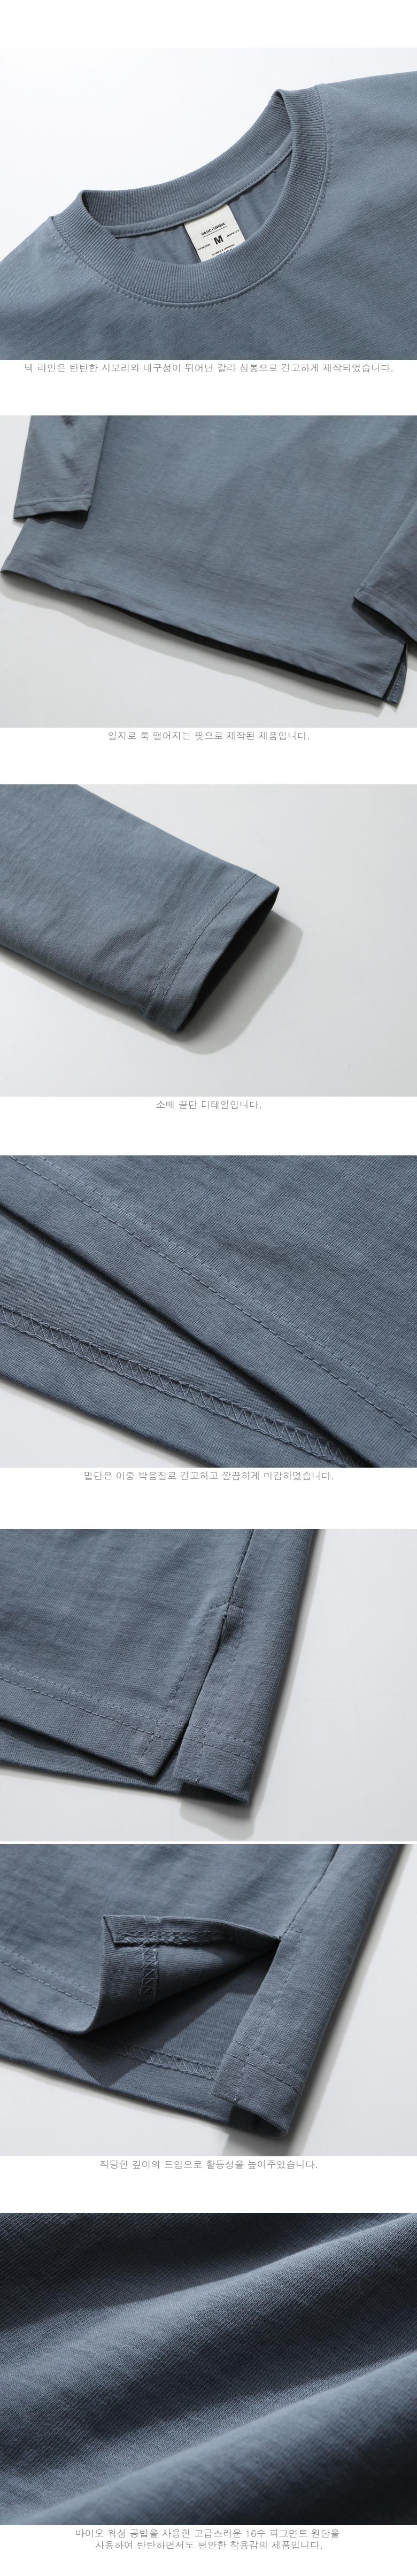 20190225_fp_pigmentlong_blue_02.jpg